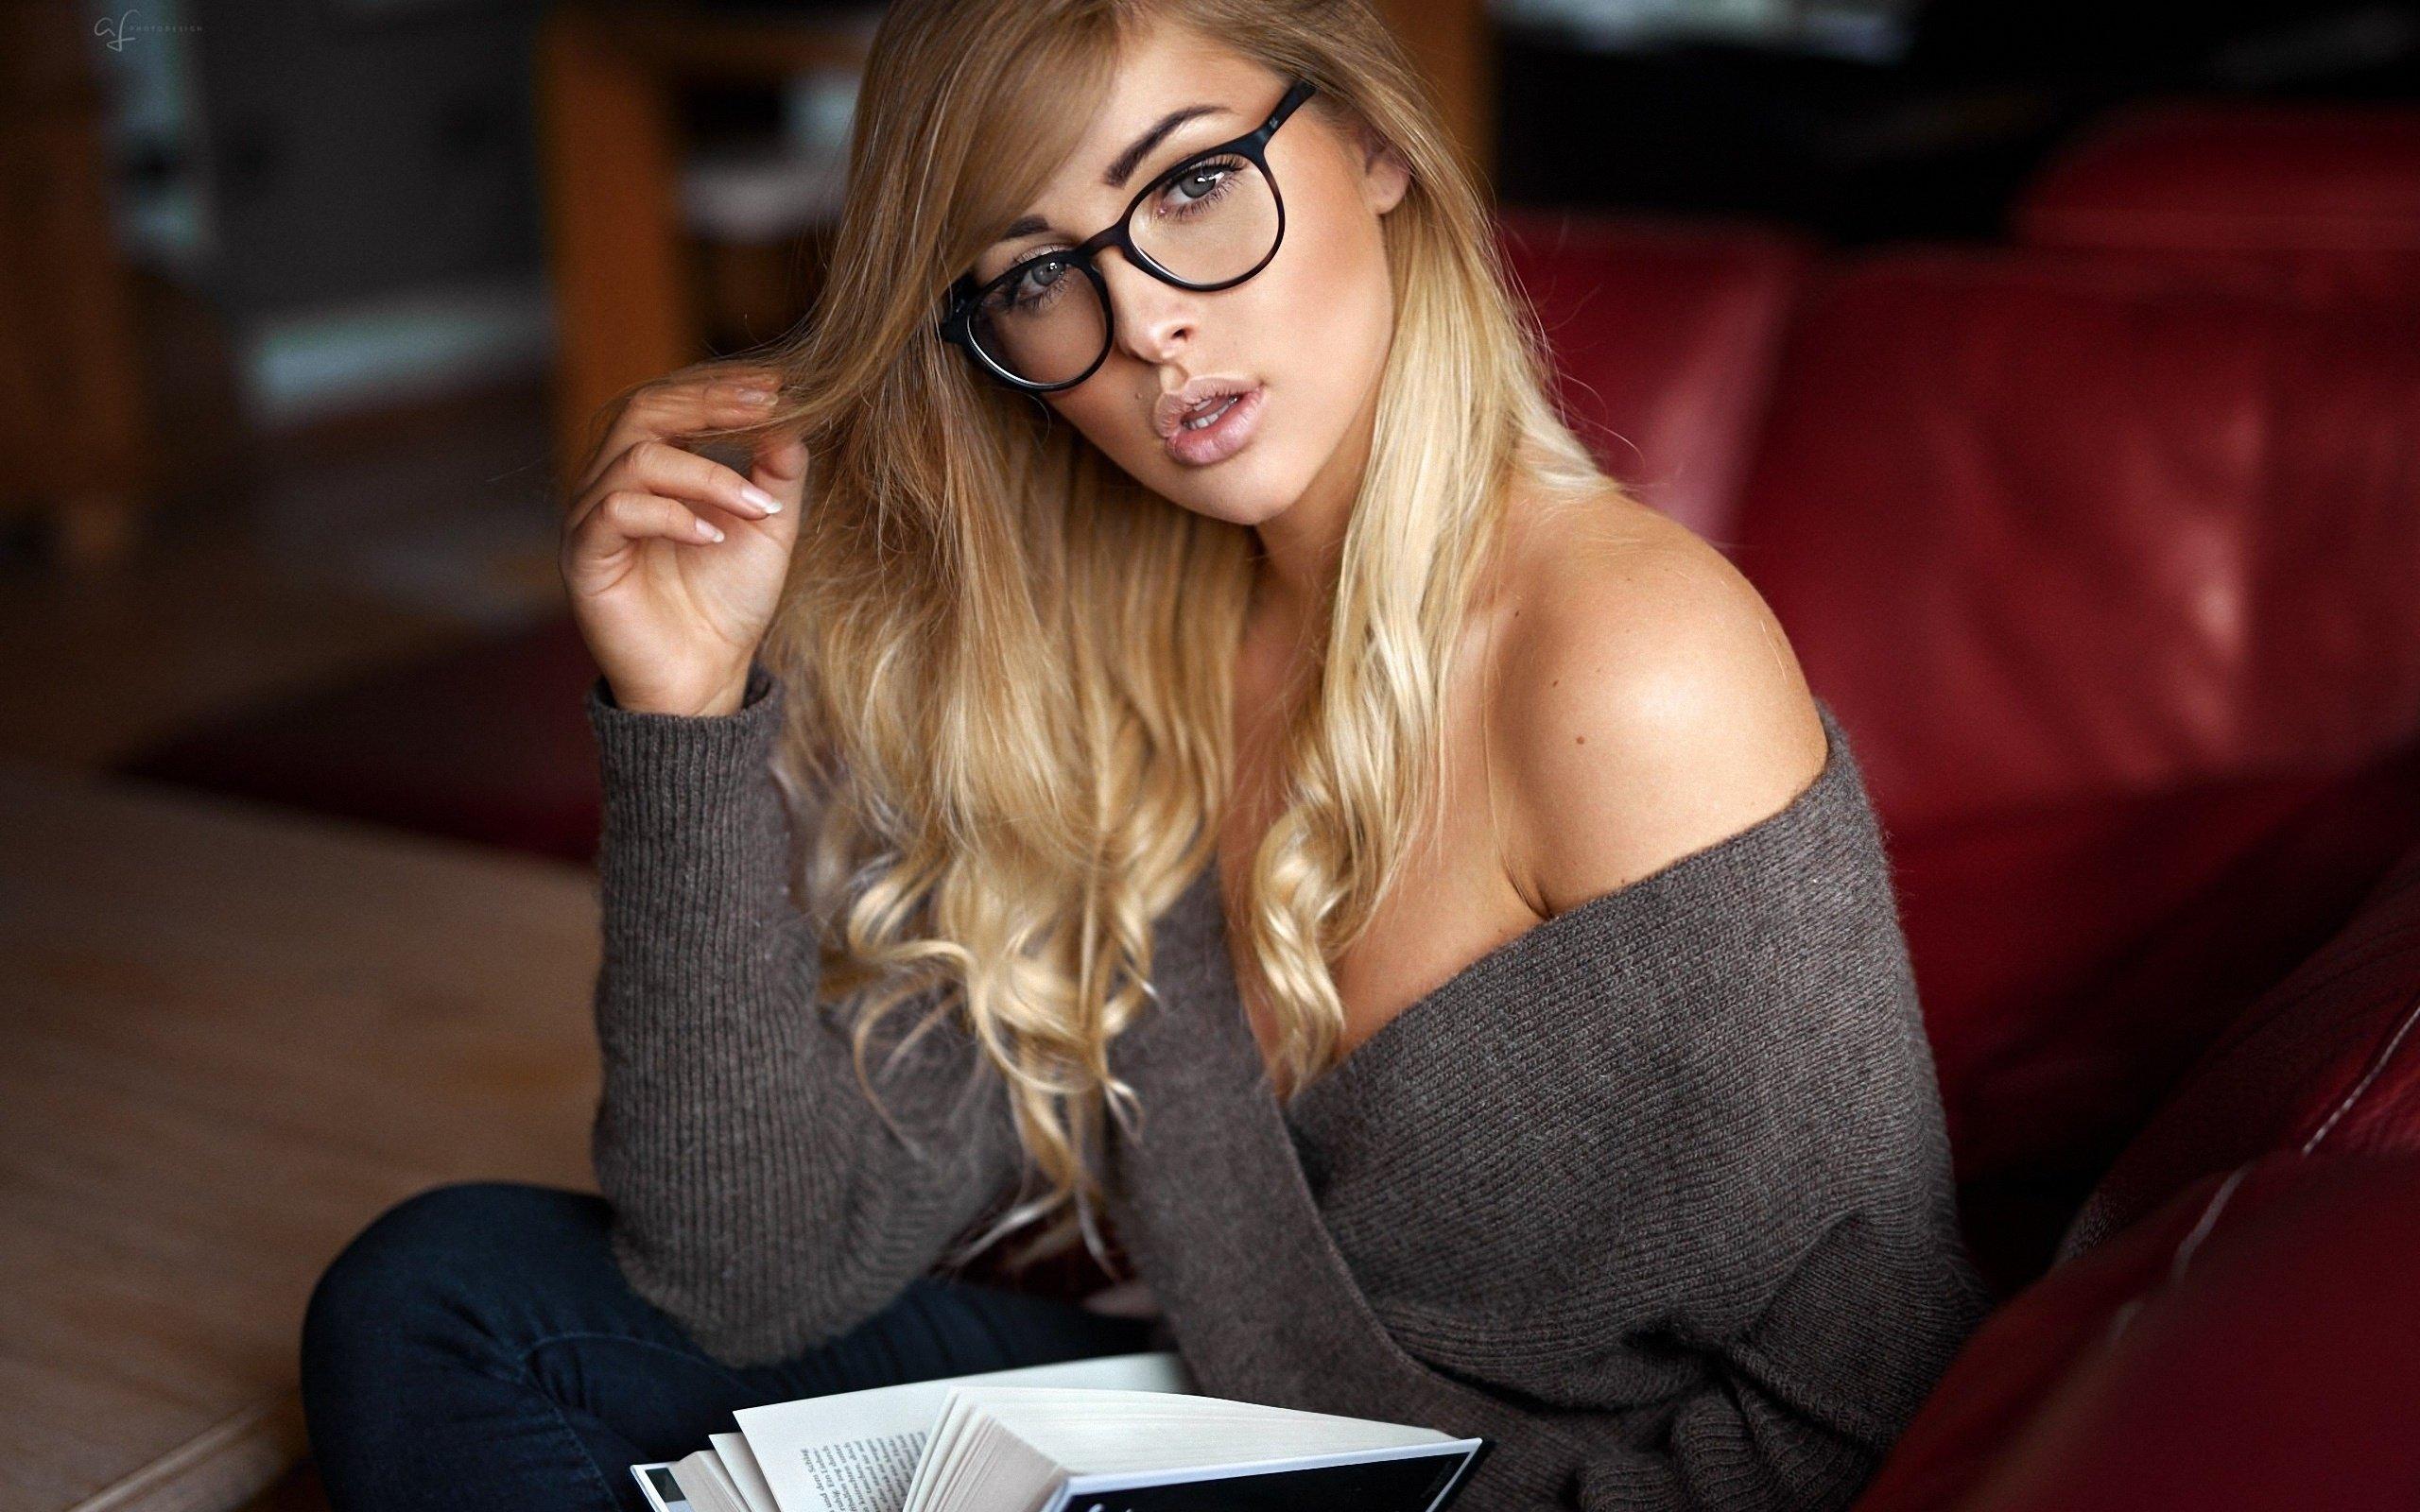 приятная в очках - 1